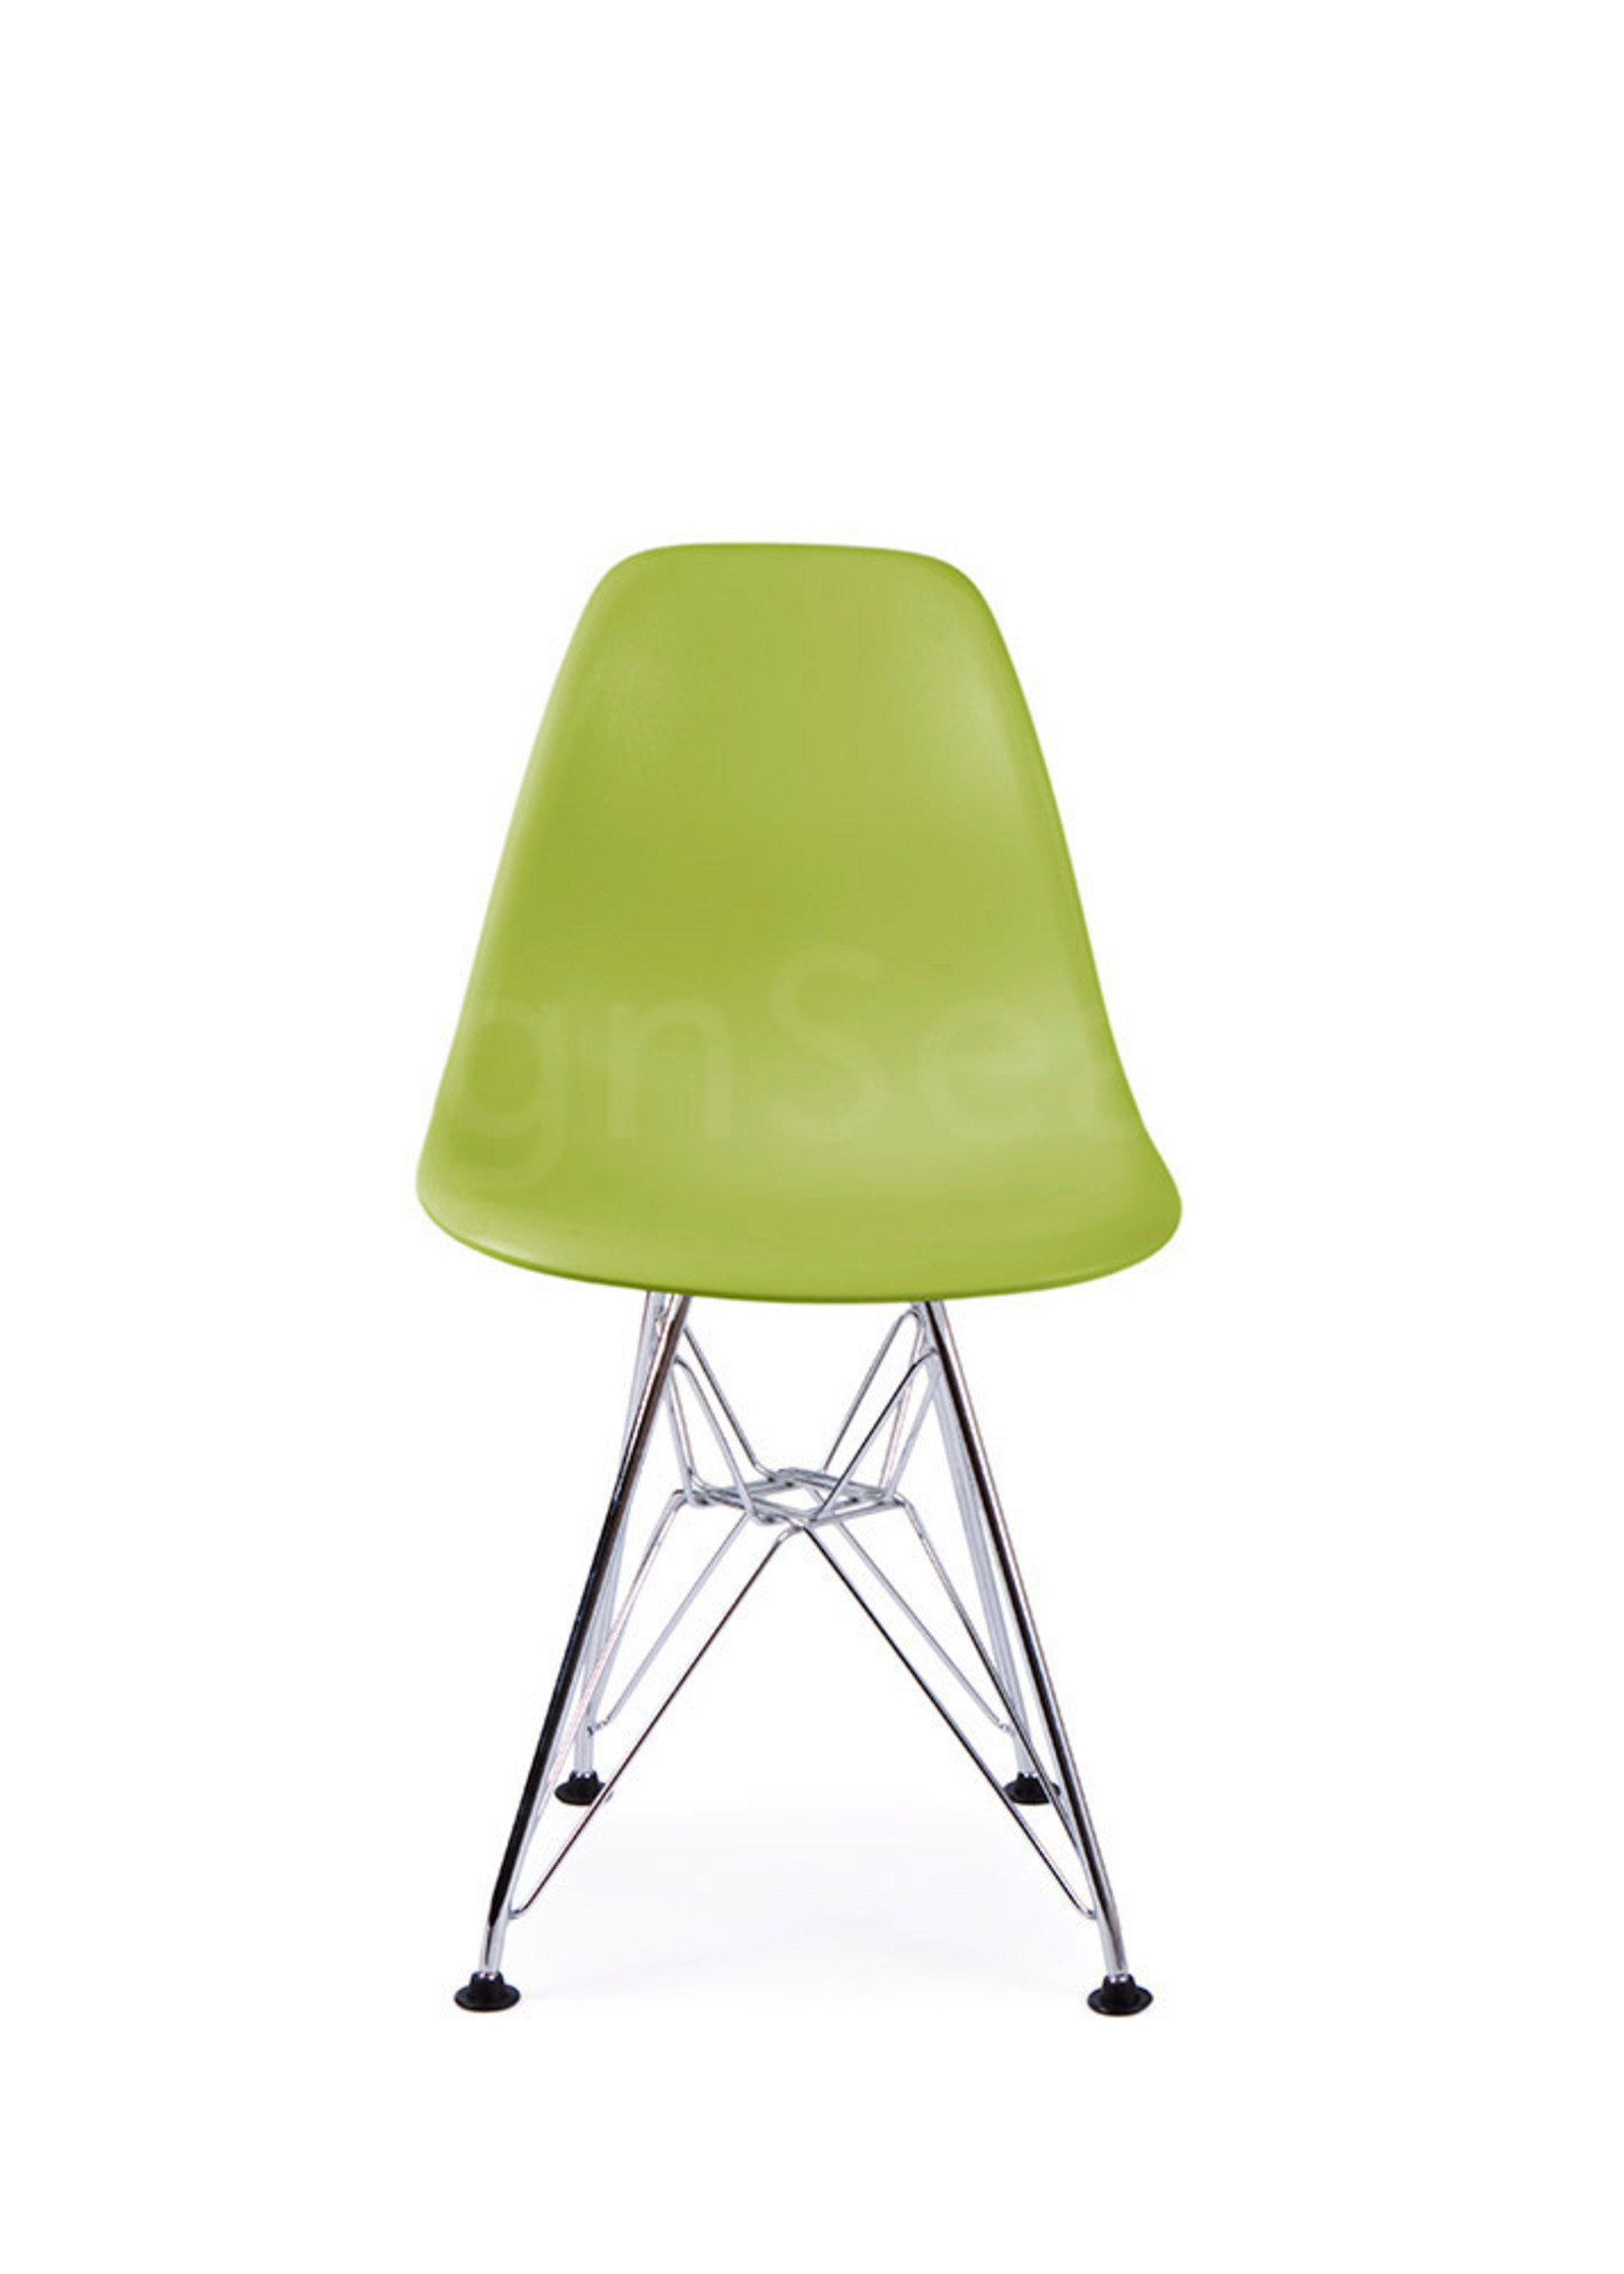 DSR Eames Kinderstoel Limegroen